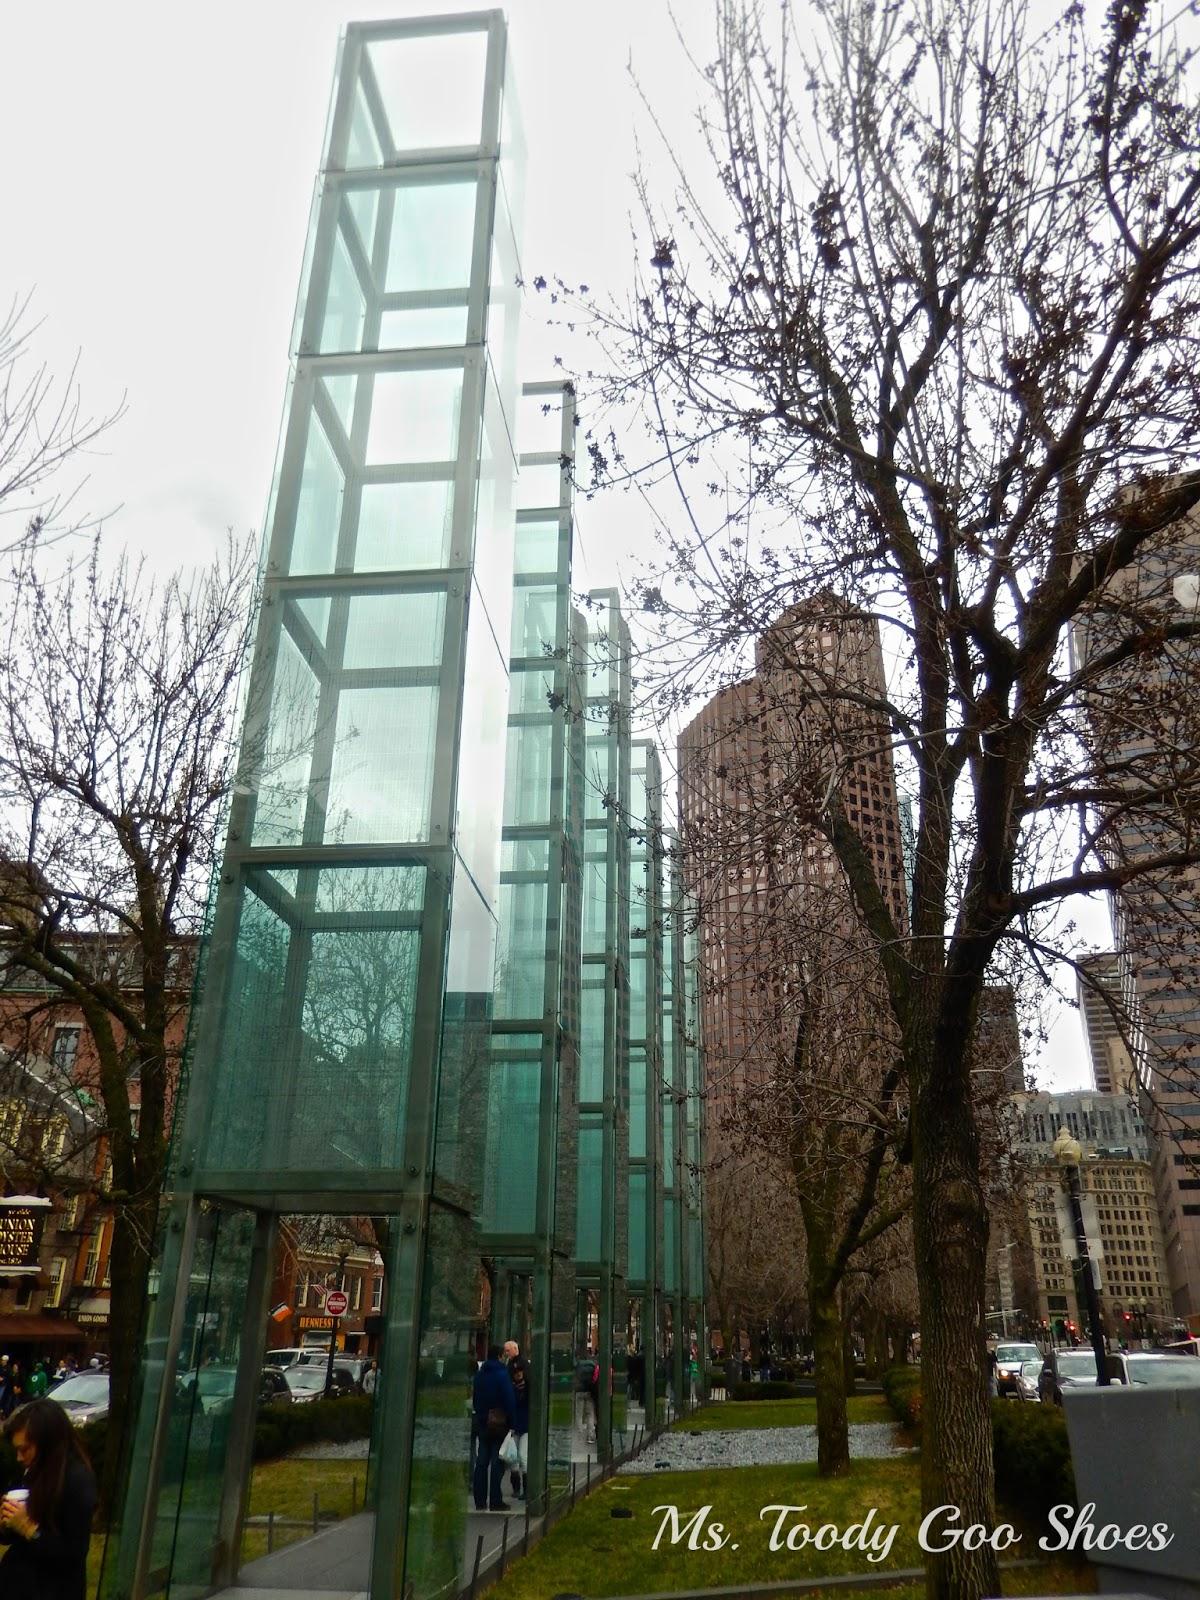 Boston  -- Ms. Toody Goo Shoes